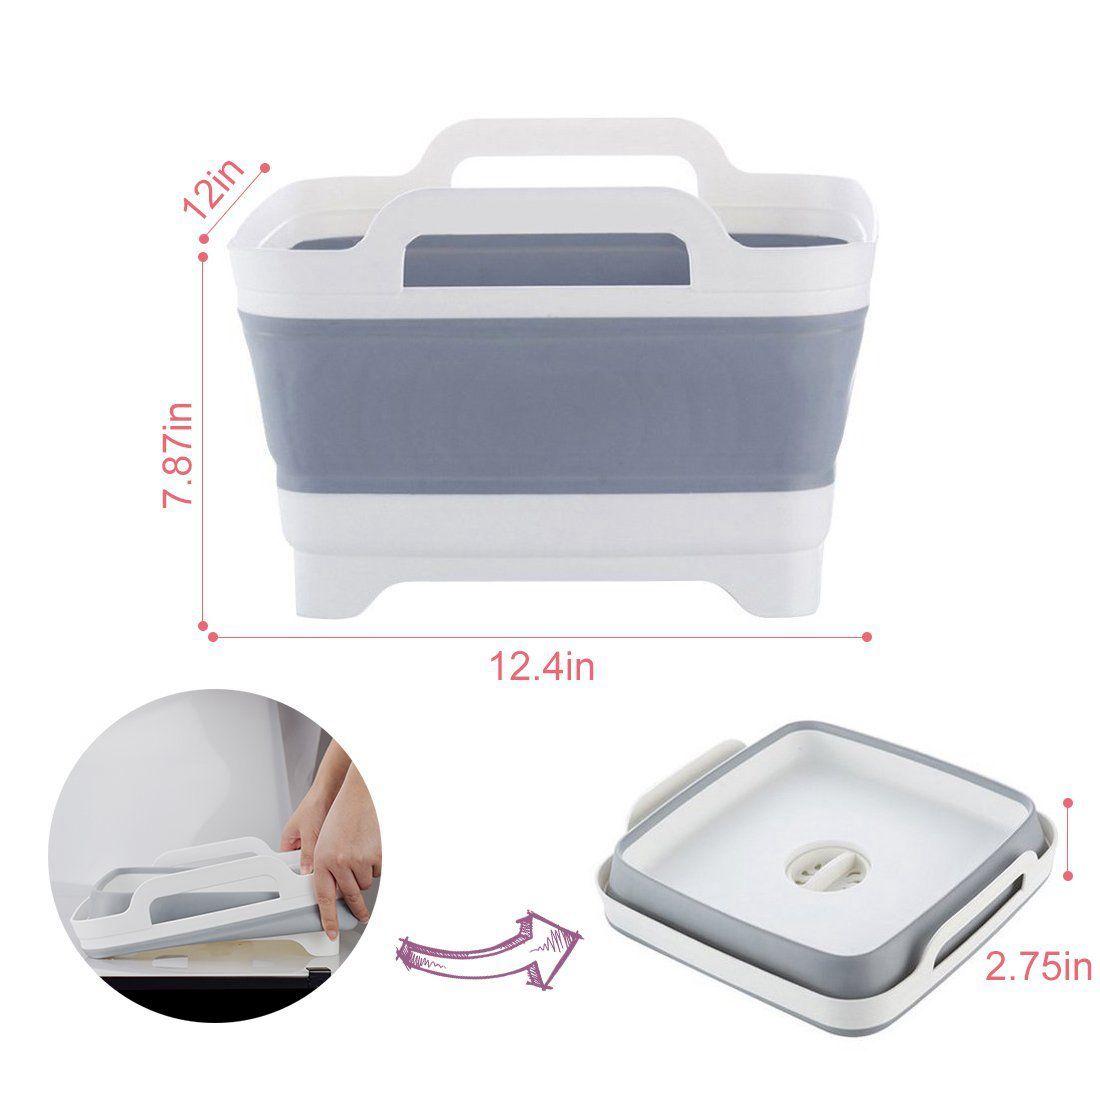 Ванна для горячей посуды, пищевые фильтры, складная корзина для слива фруктов, корзина для мытья овощей, корзина для слива дуршлага